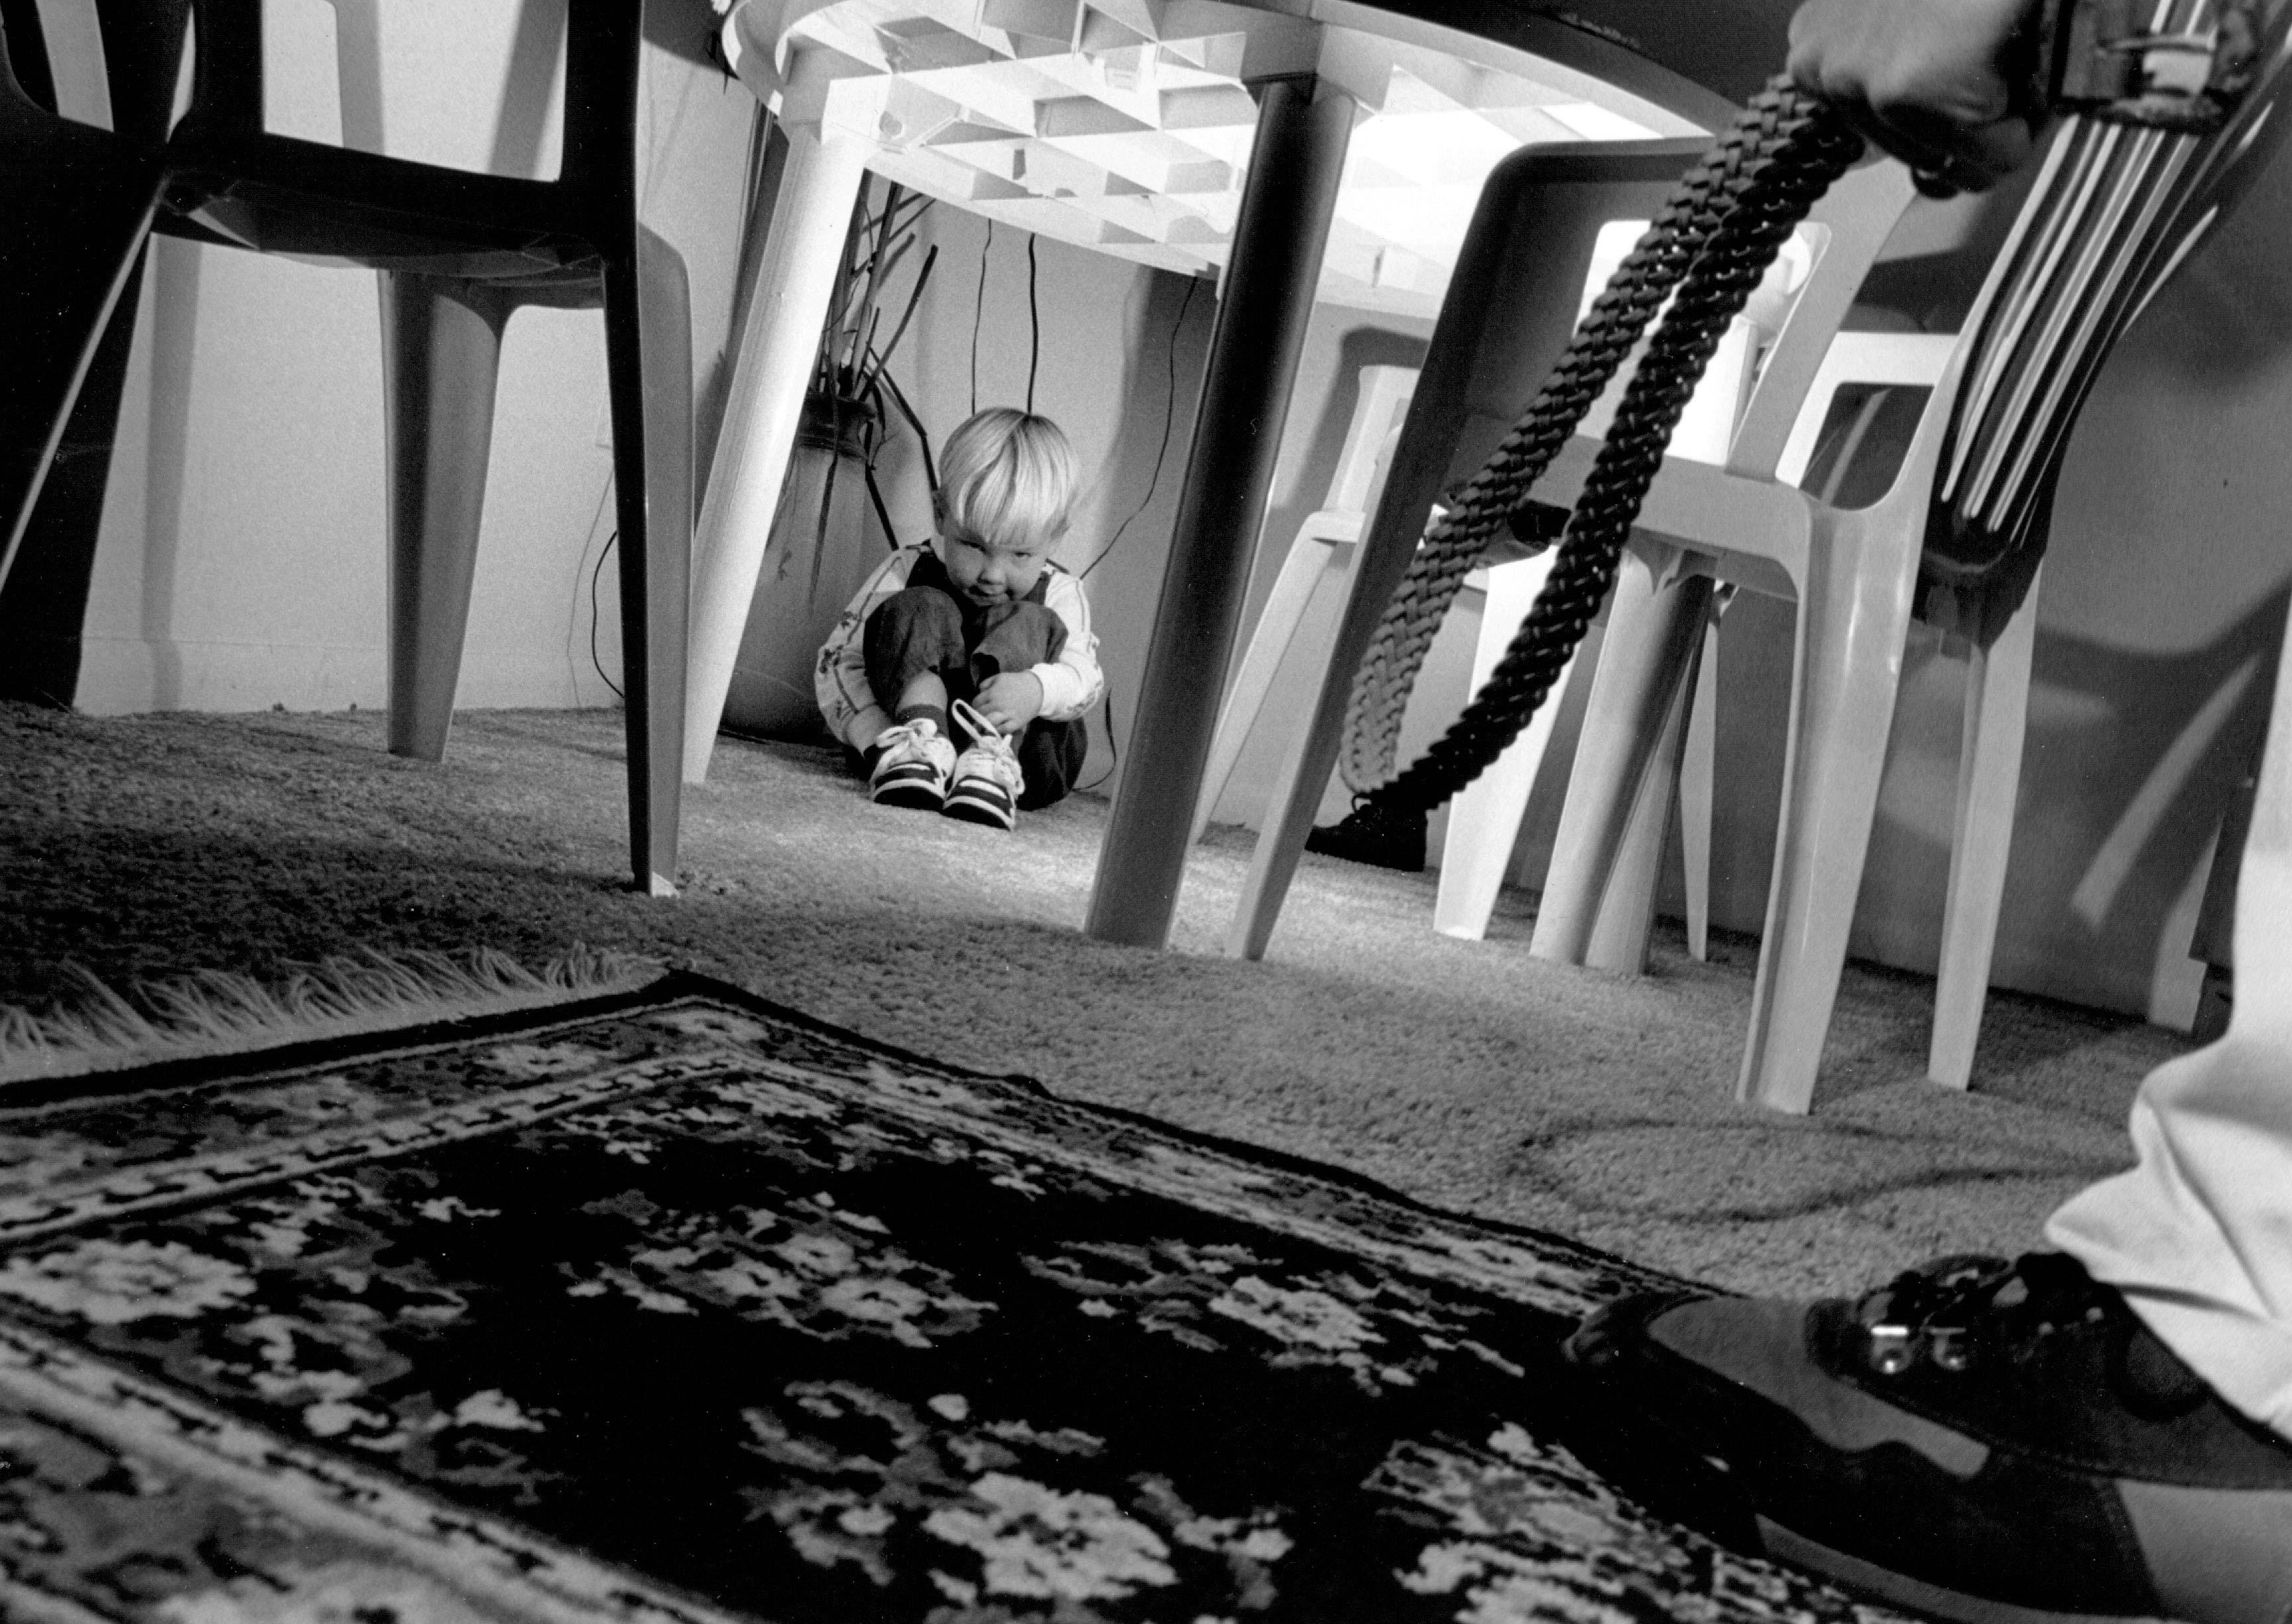 Pisa, muore bimba di 3 anni: sul suo corpo segni di percosse